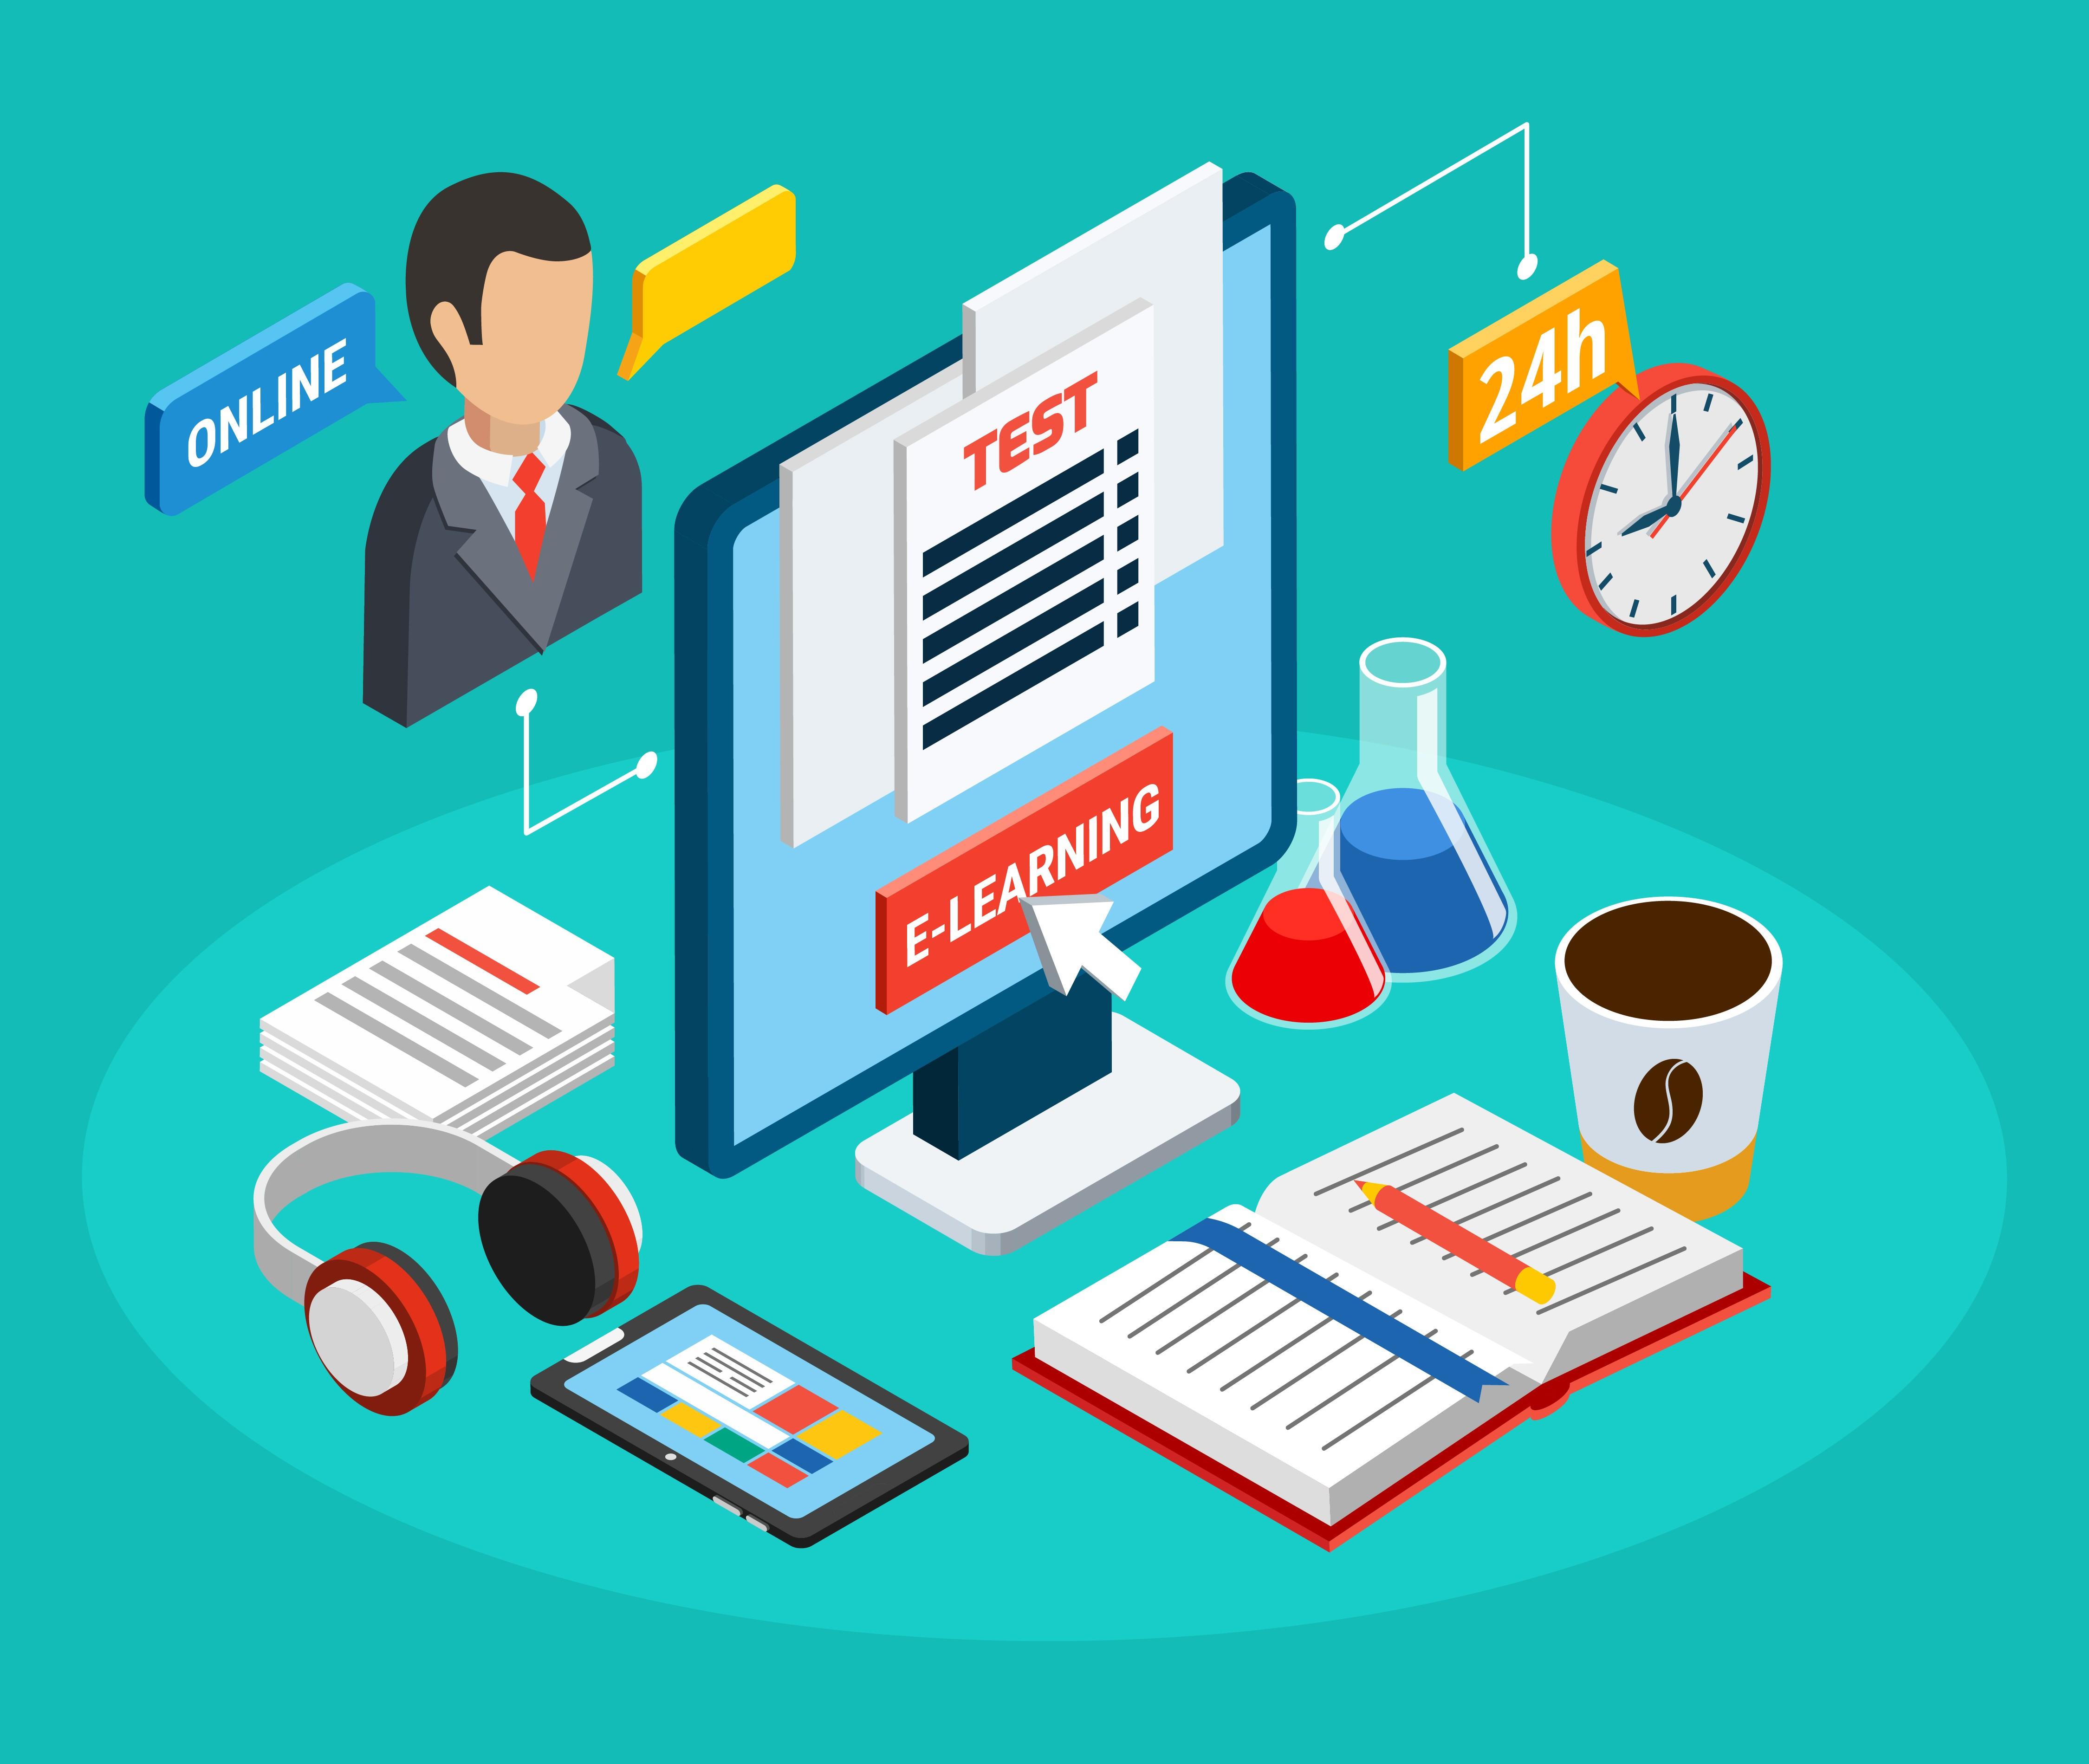 Empat Kelebihan dan Kekurangan Dalam Menerapkan E-Learning